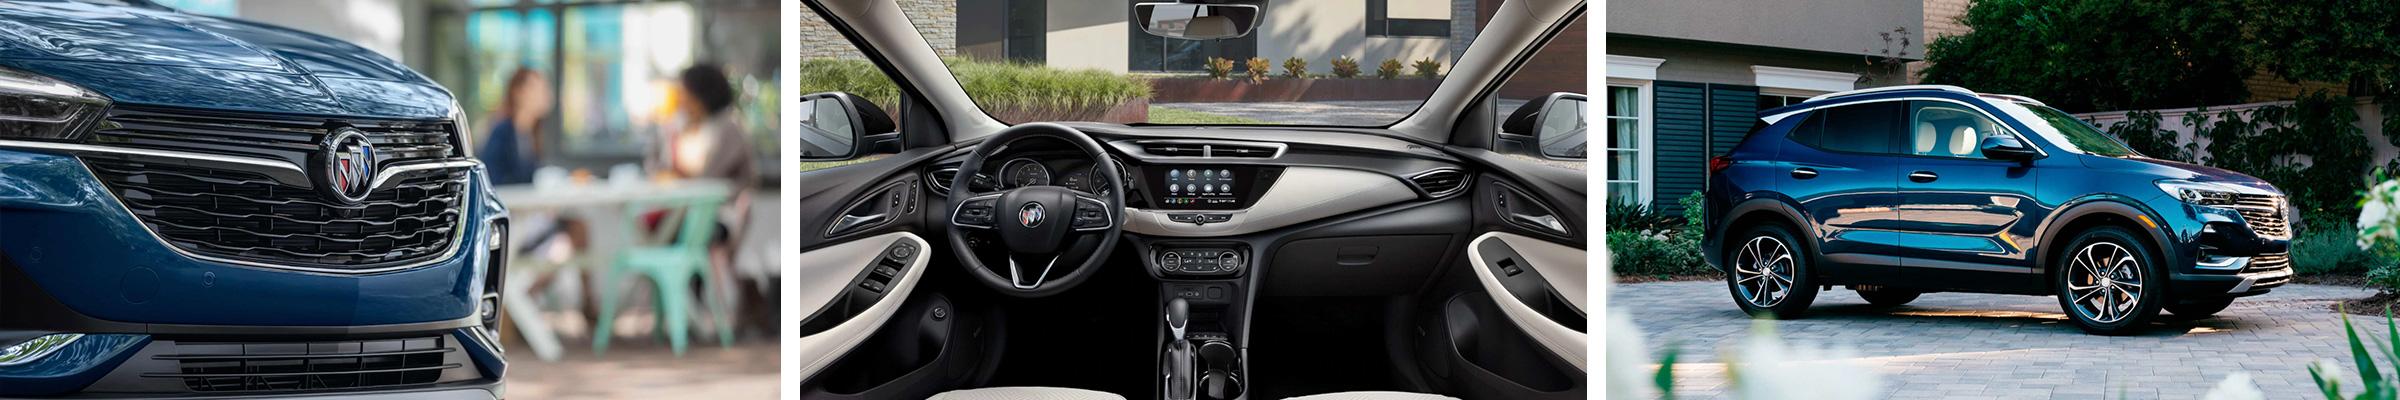 2021 Buick Encore GX For Sale West Palm Beach FL | Wellington